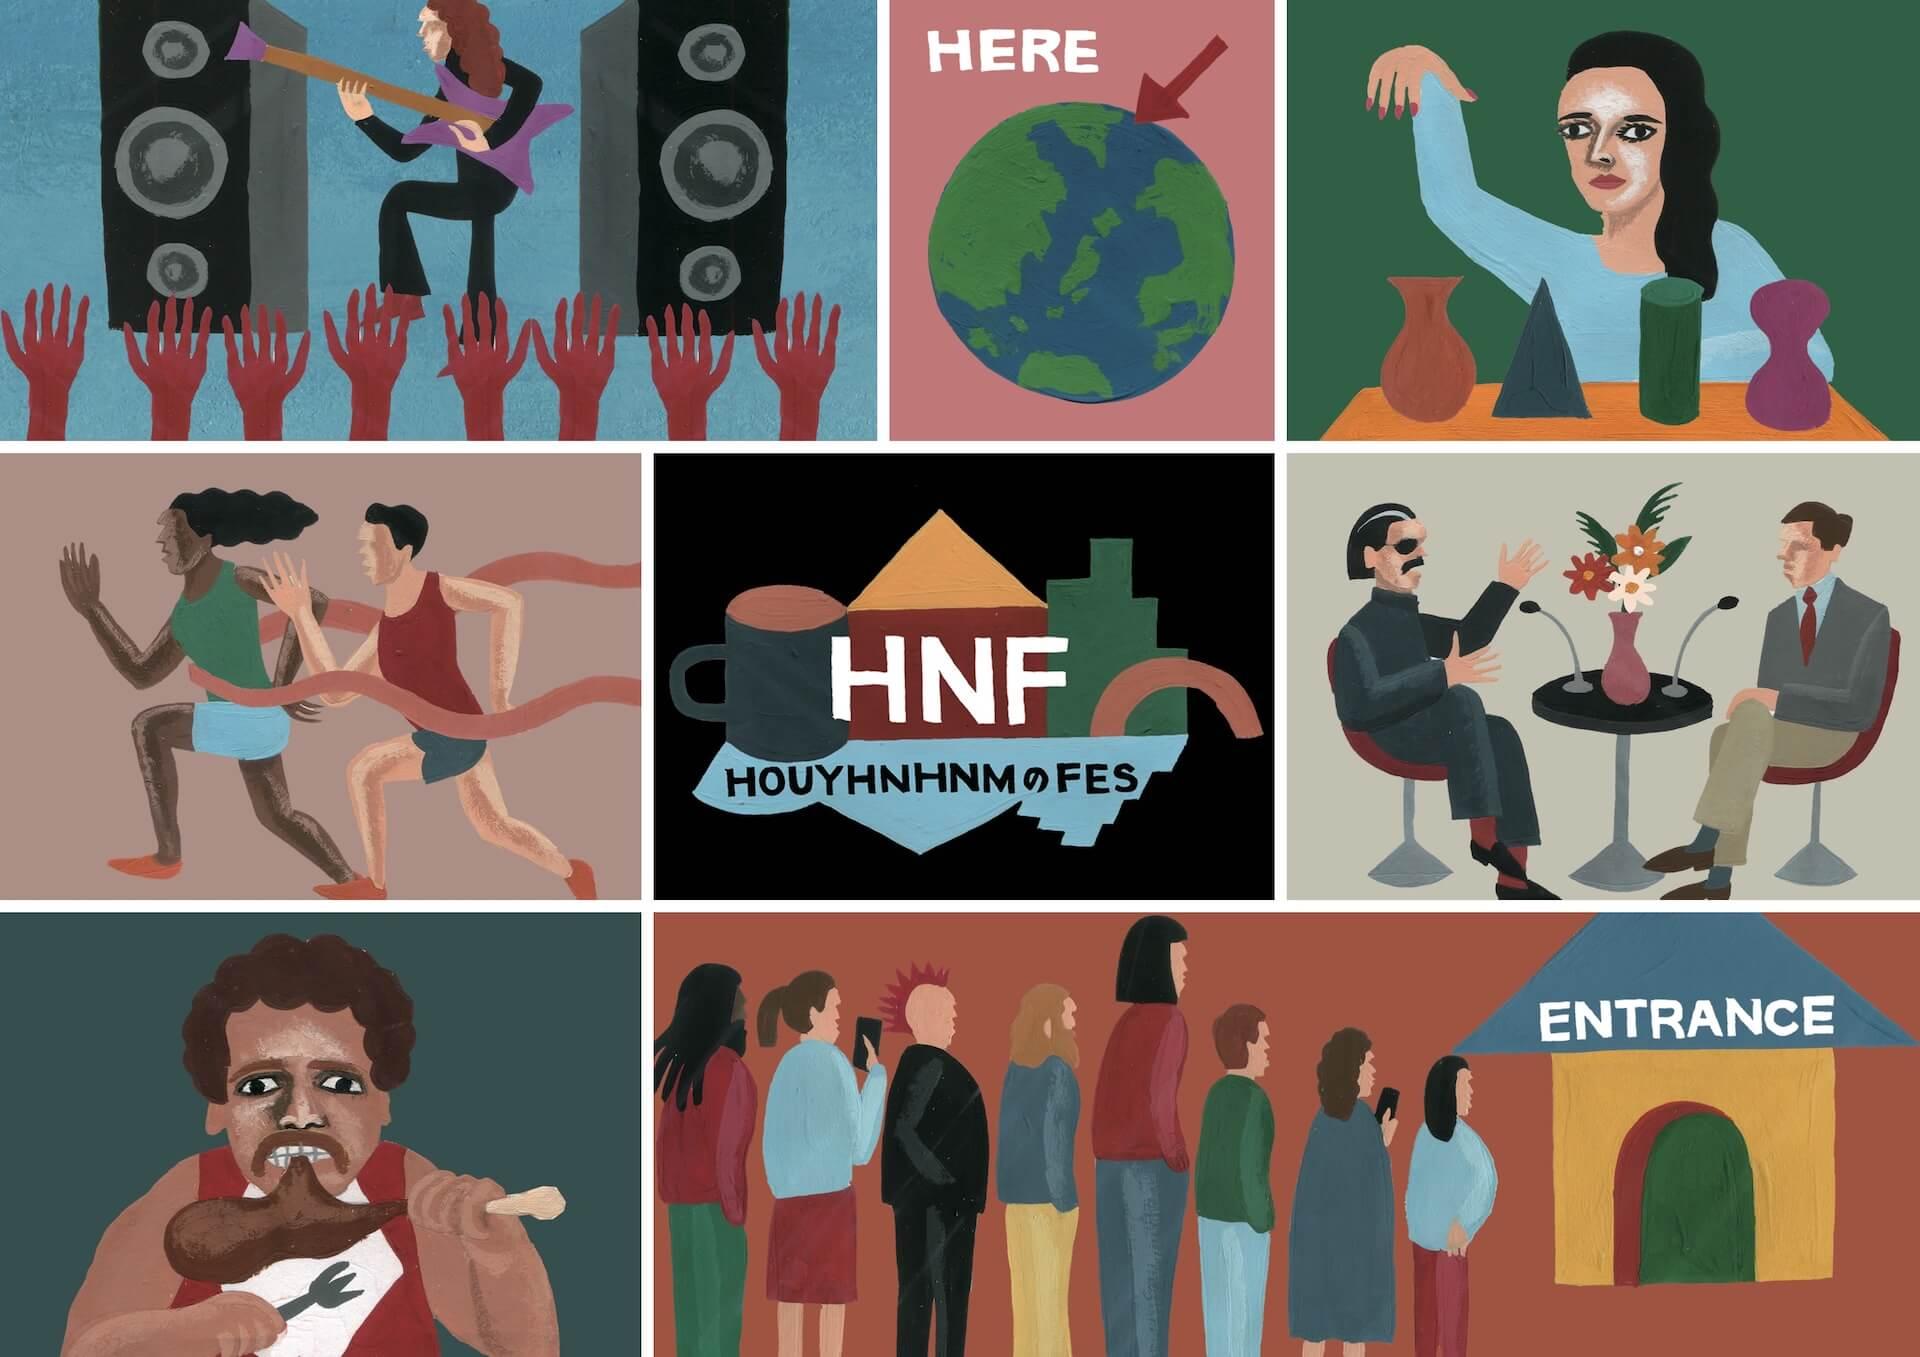 HOUYHNHNMが15周年!1日限りのフェス<HNF>にスチャダラパー、YAKUSHIMA TREASURE(水曜日のカンパネラ×オオルタイチ)、WONK、CHAI、ペトロールズが出演 music190904-hnf-houyhnhnm